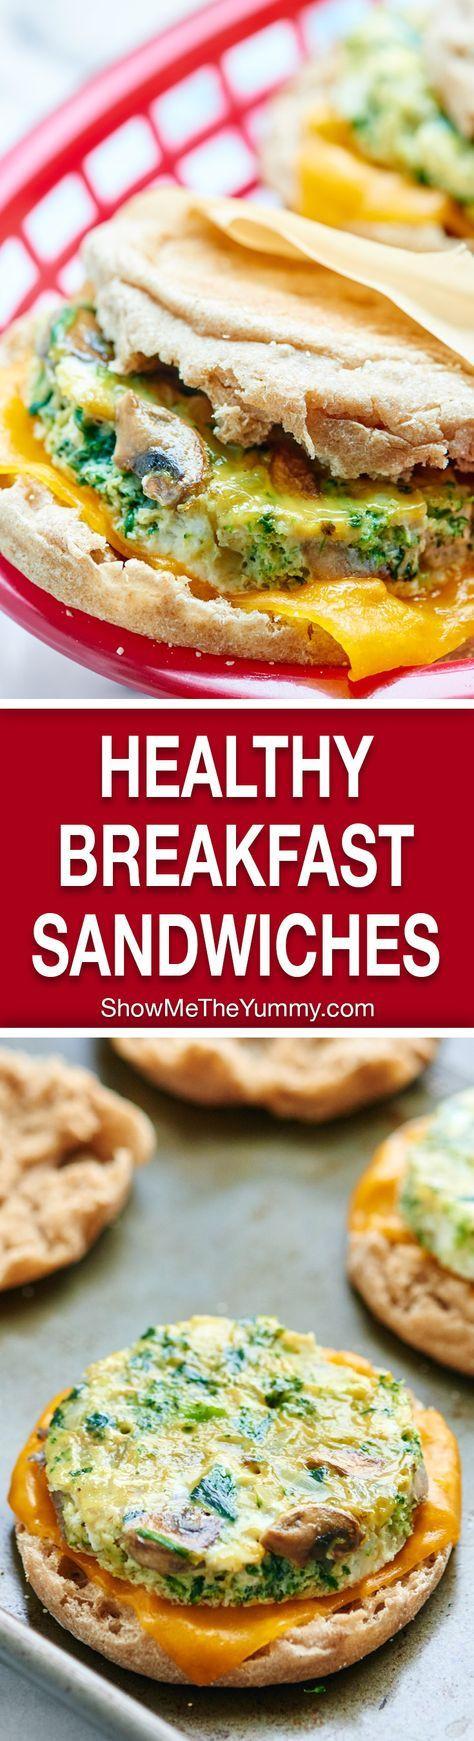 Healthy Breakfast Sandwich Ideas  The 25 best Breakfast sandwiches ideas on Pinterest